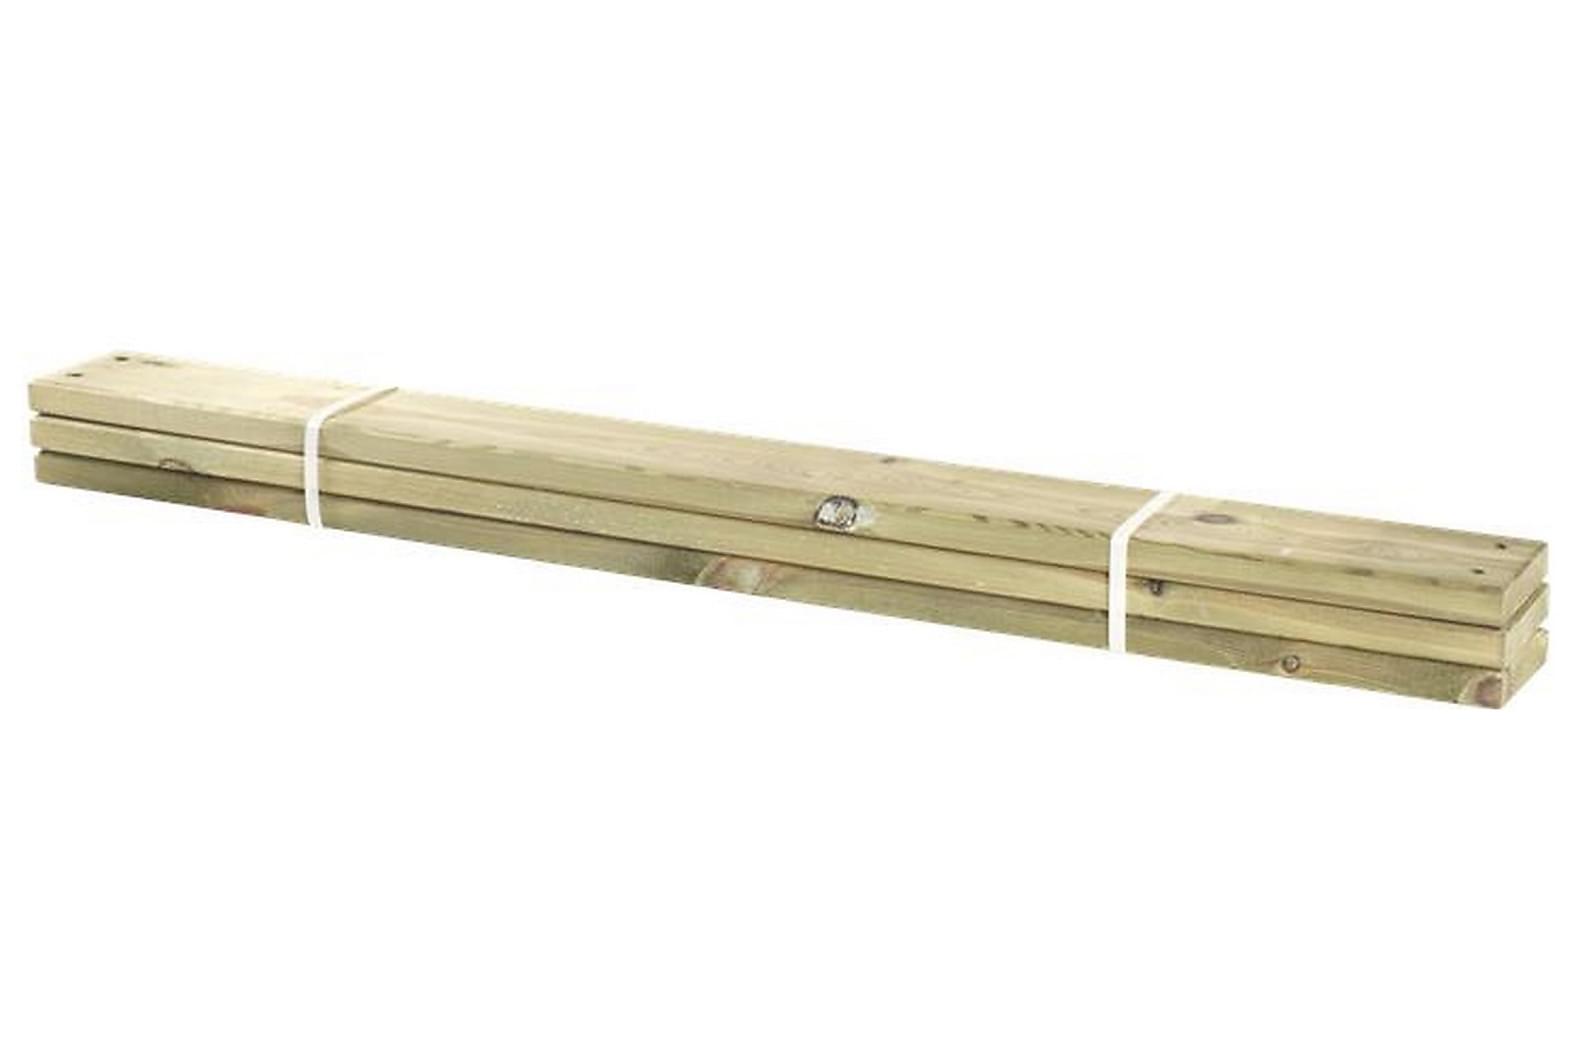 3 st. brädor till Pipe 28x120 mm x120 cm, Övriga trädgårdstillbehör